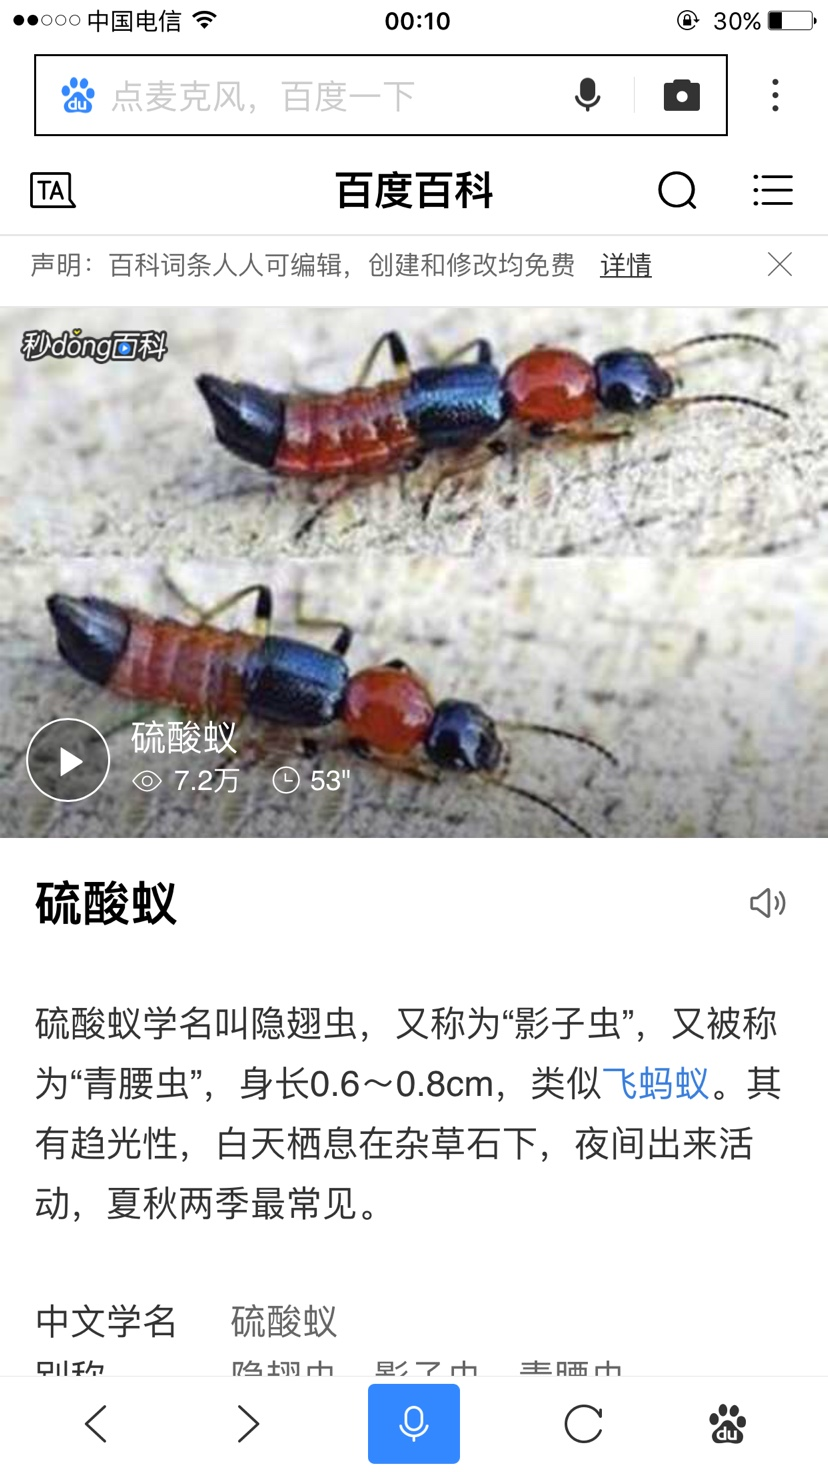 家里有硫酸蚁怎么办,又不能喷杀虫剂,也不能插